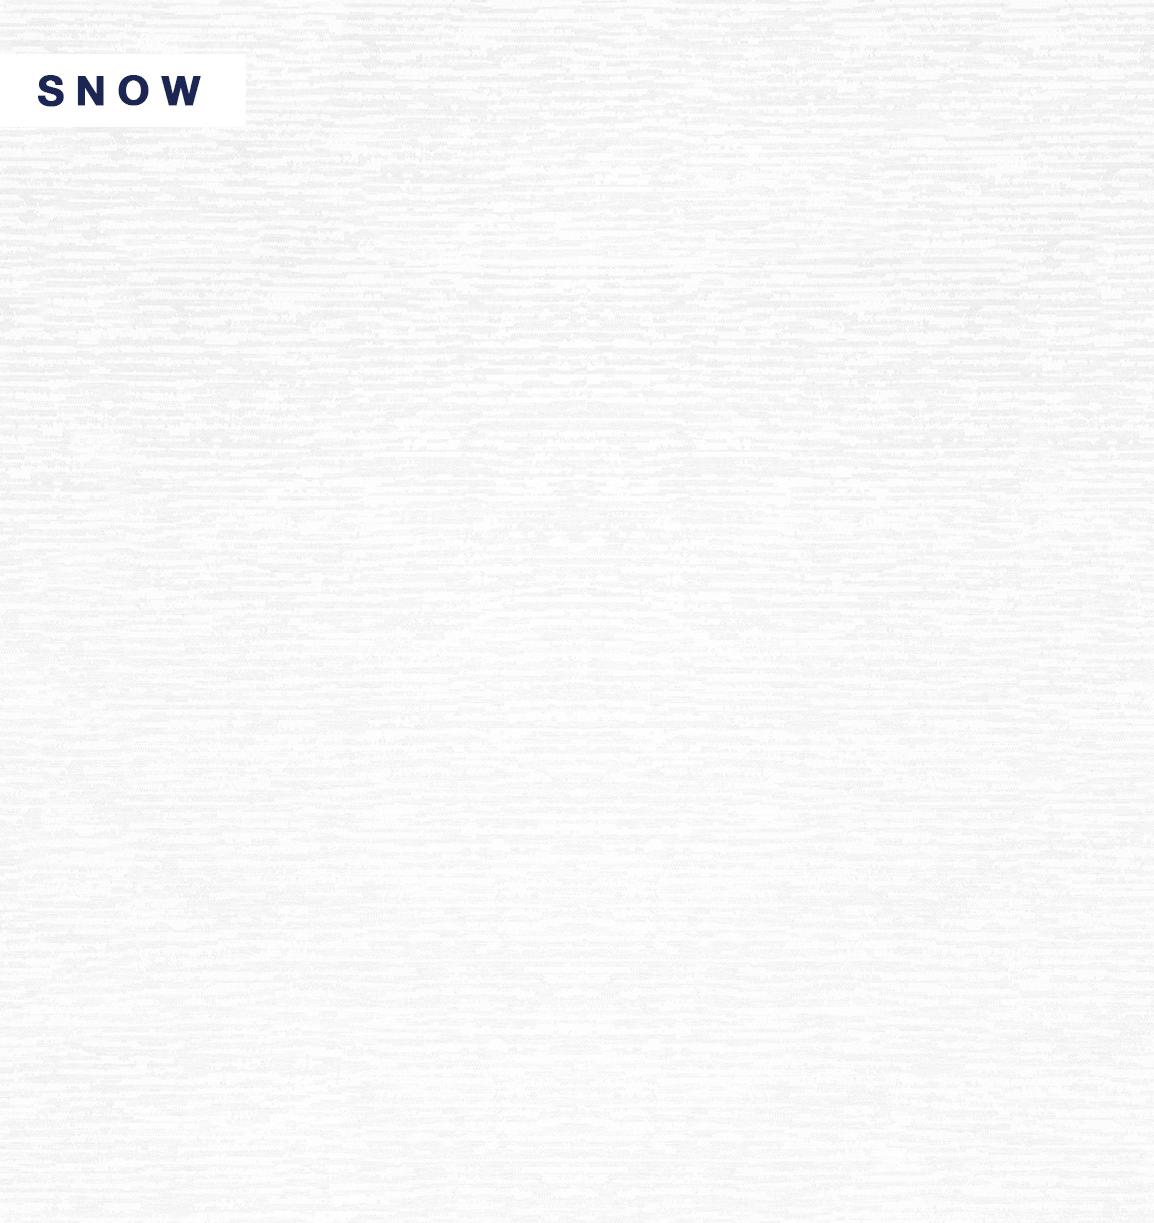 Fraser - Snow.jpg